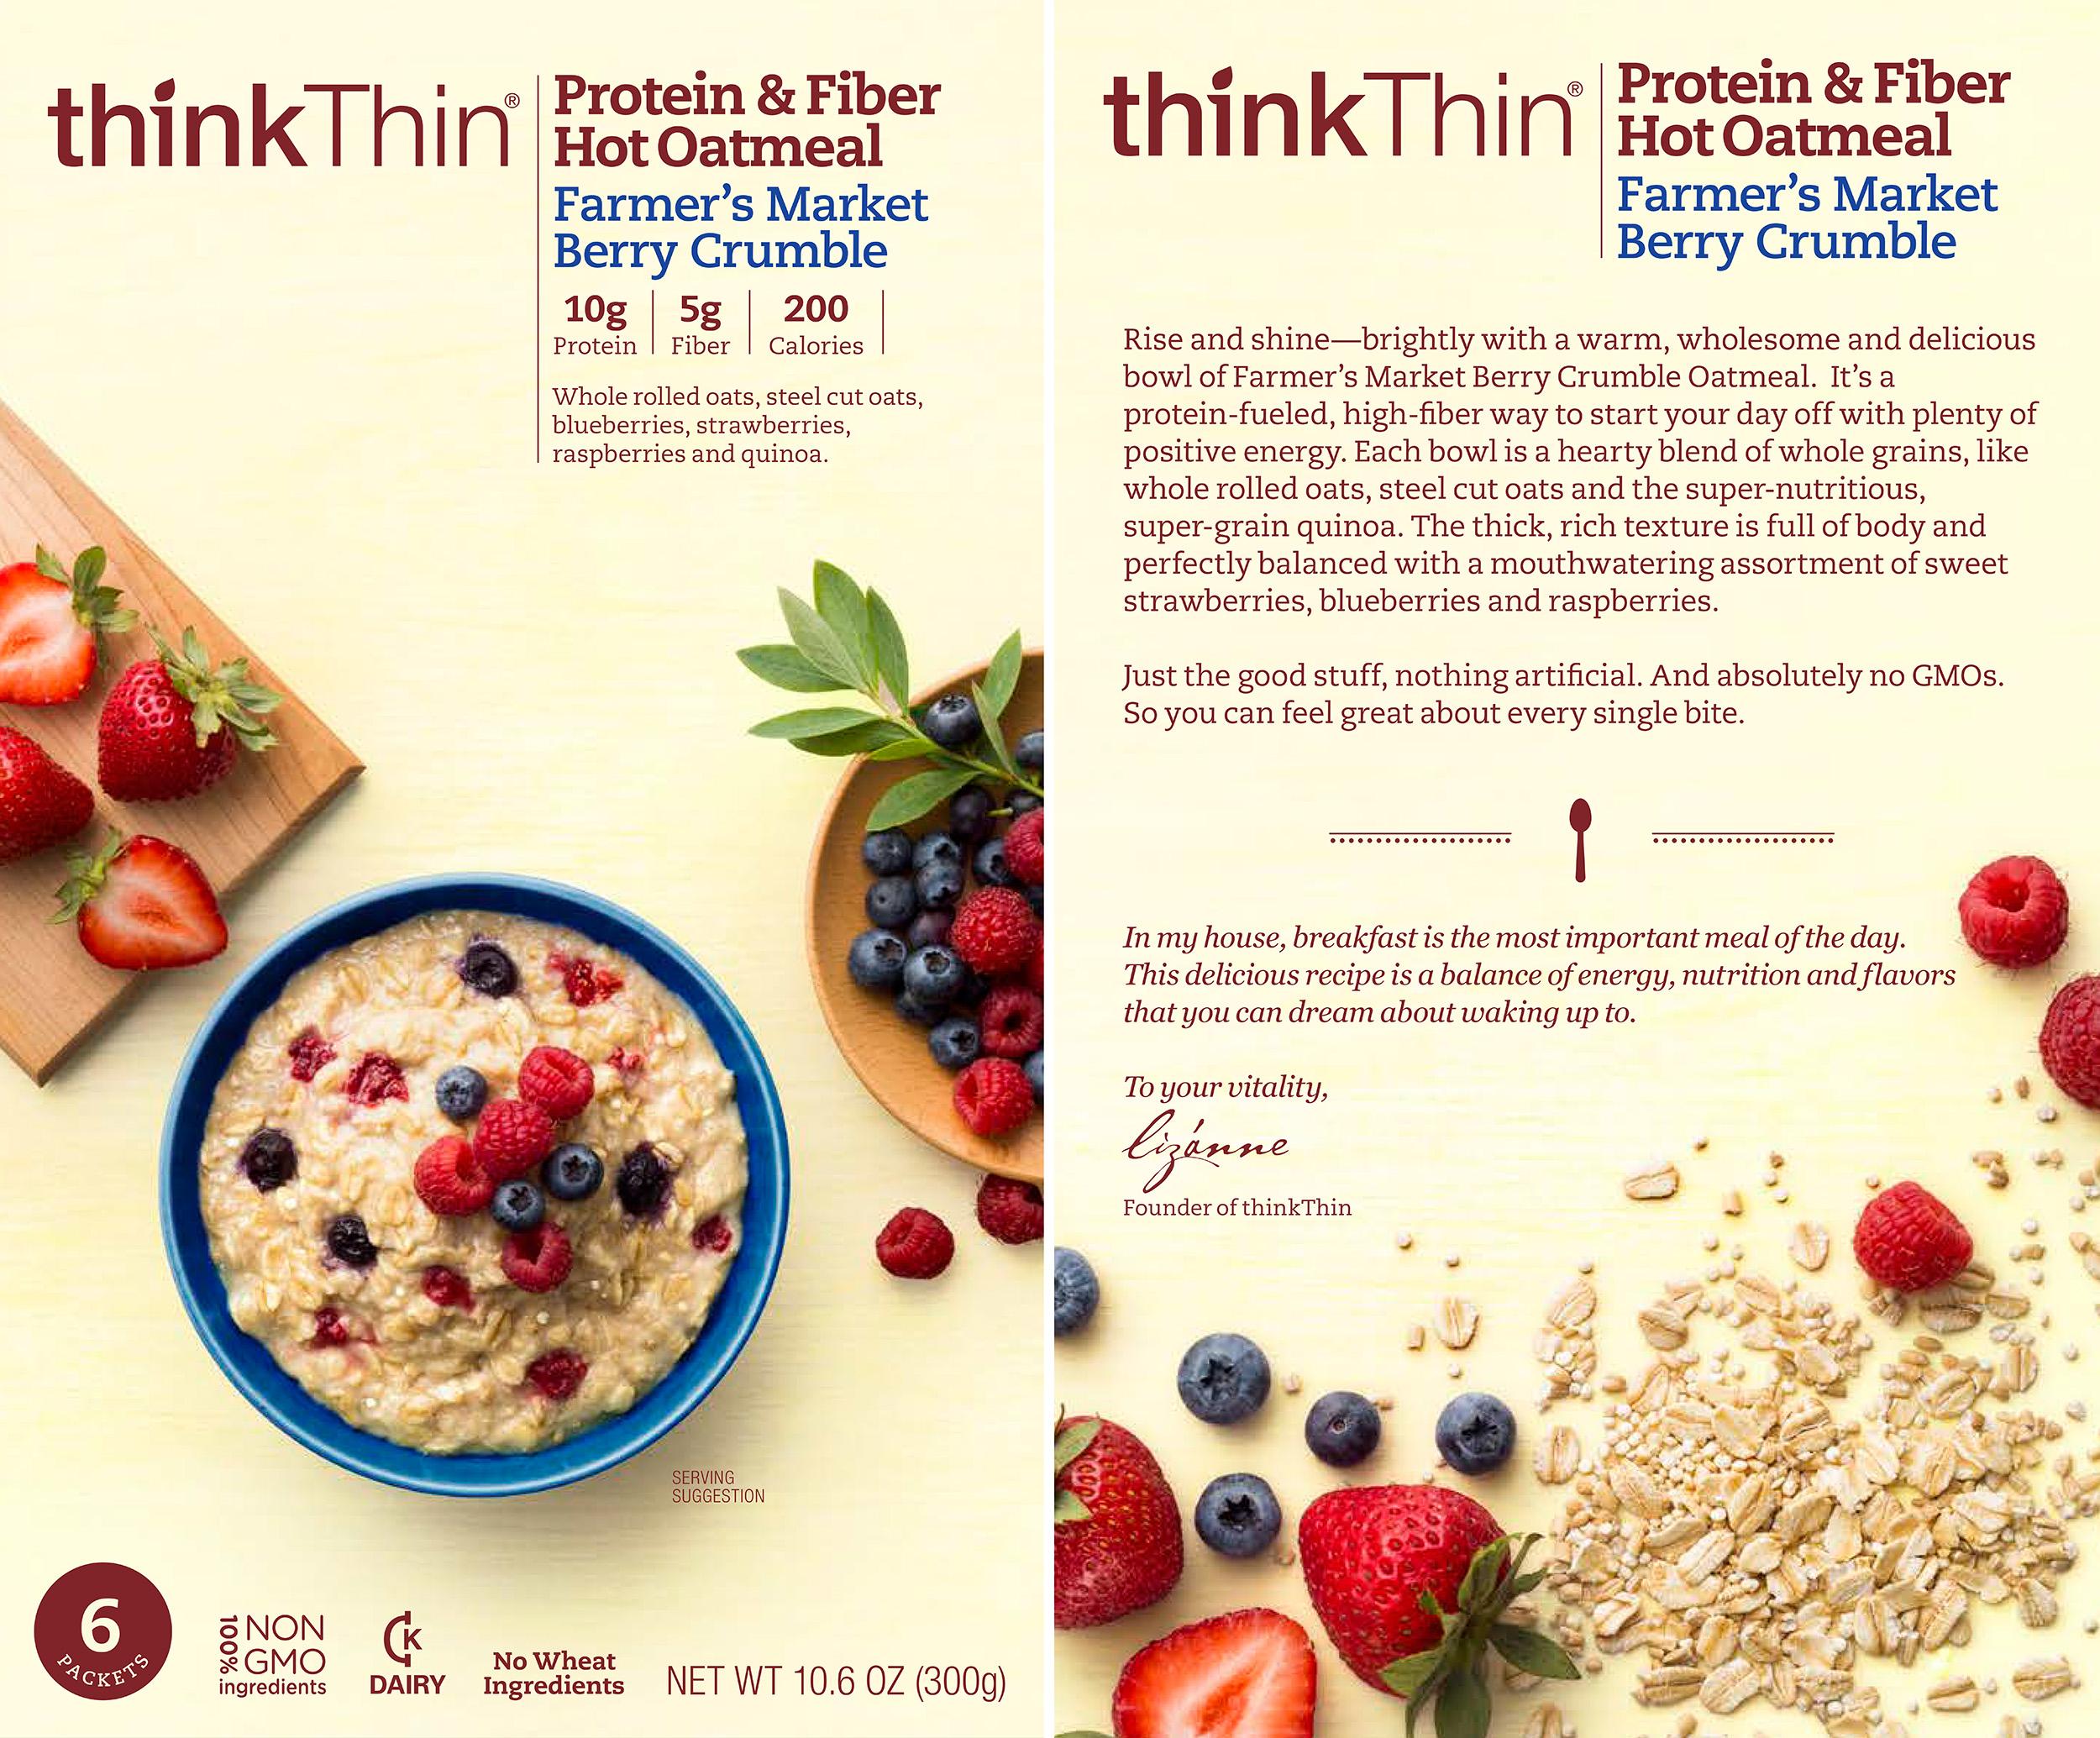 berries_thinkthin.jpg